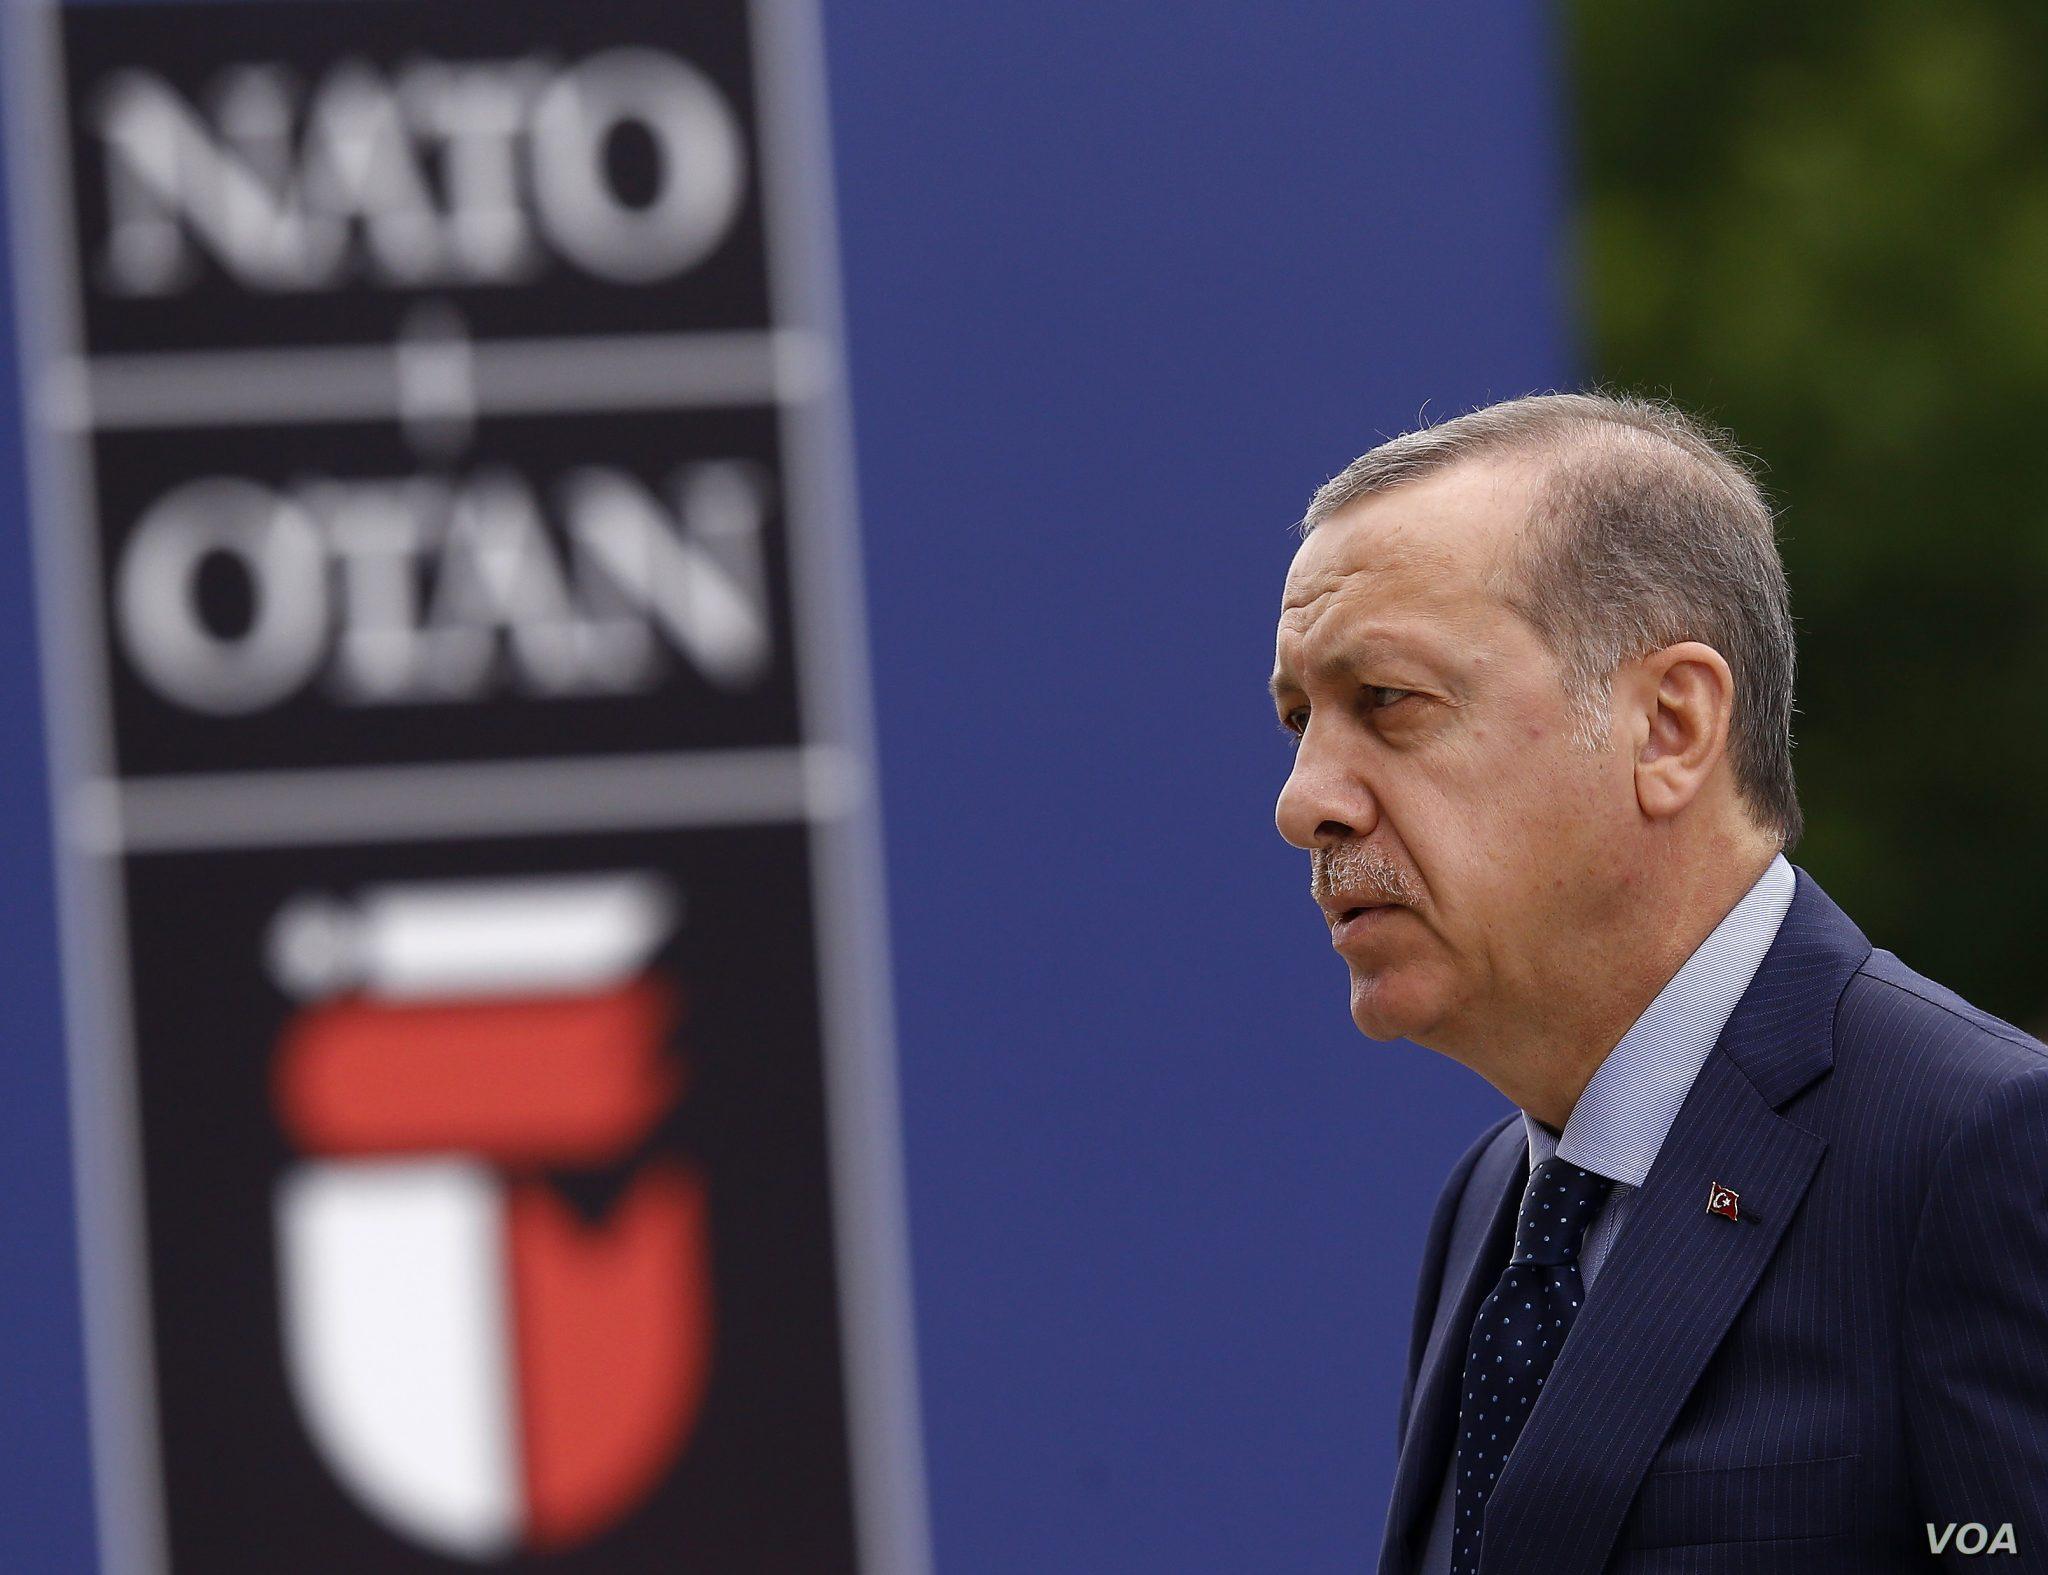 صورة رسالة من الرئيس التركي